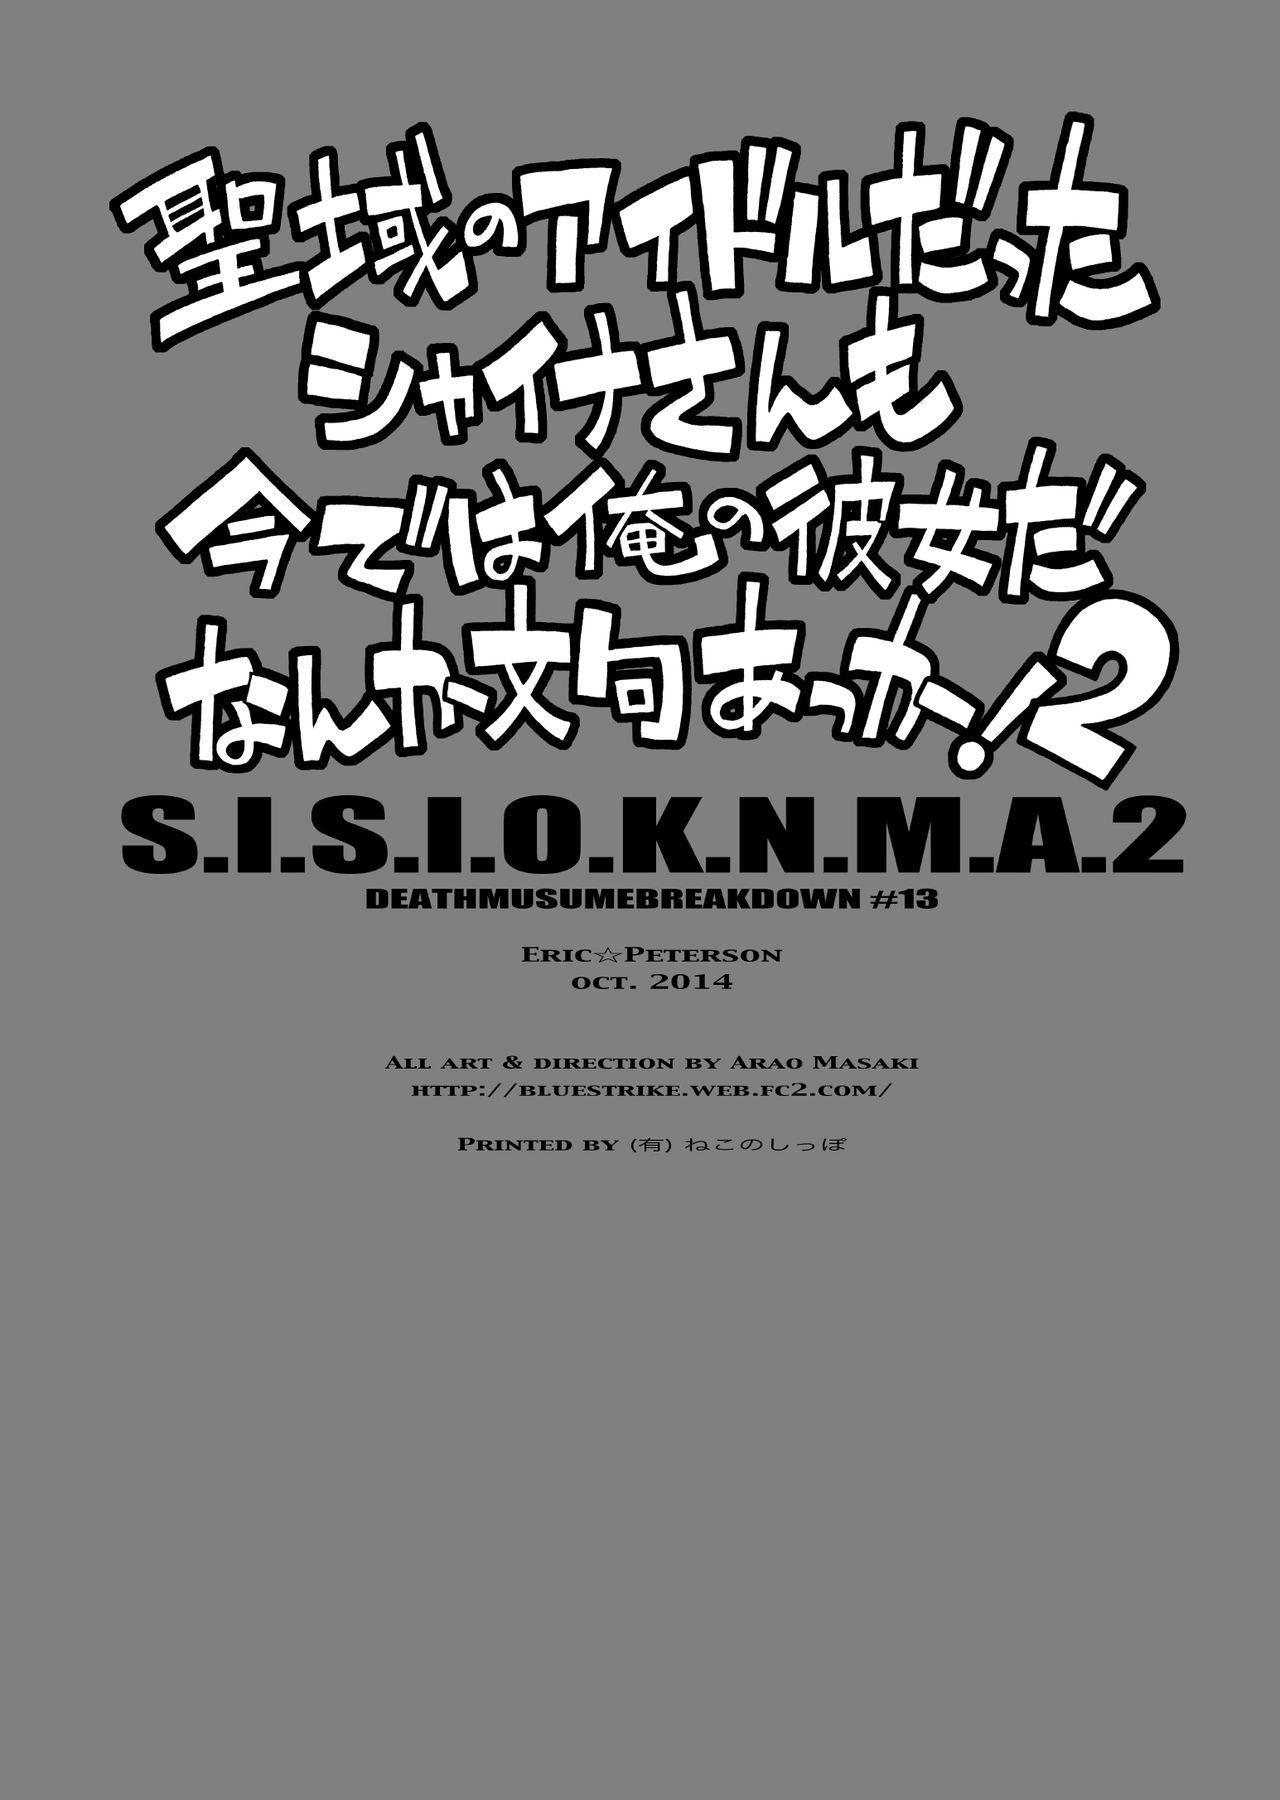 S.I.S.I.O.K.N.M.A. II 24